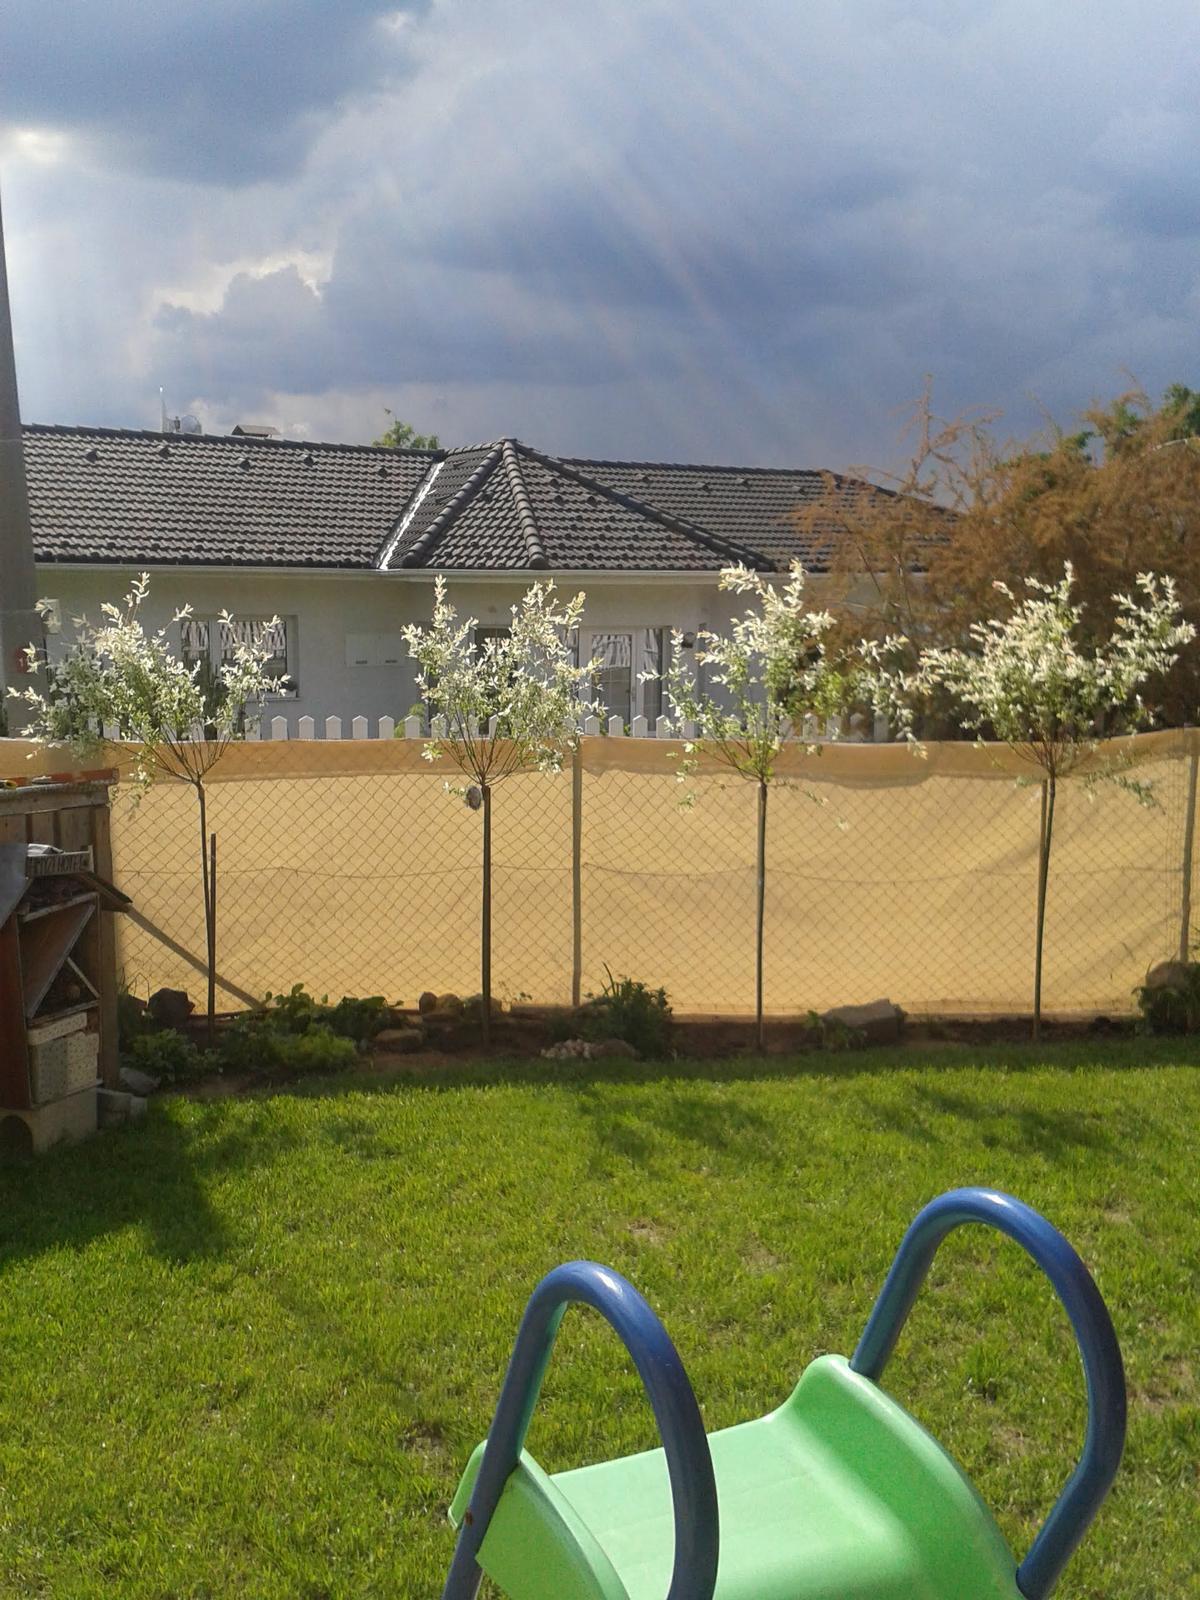 Venku (tam kde už to nevypadá jako staveniště) - nakonec jsem koupila 4, bude to takový živý plot nad plotem, abych odclonila souseda (foto po zasazení, před ostříháním)